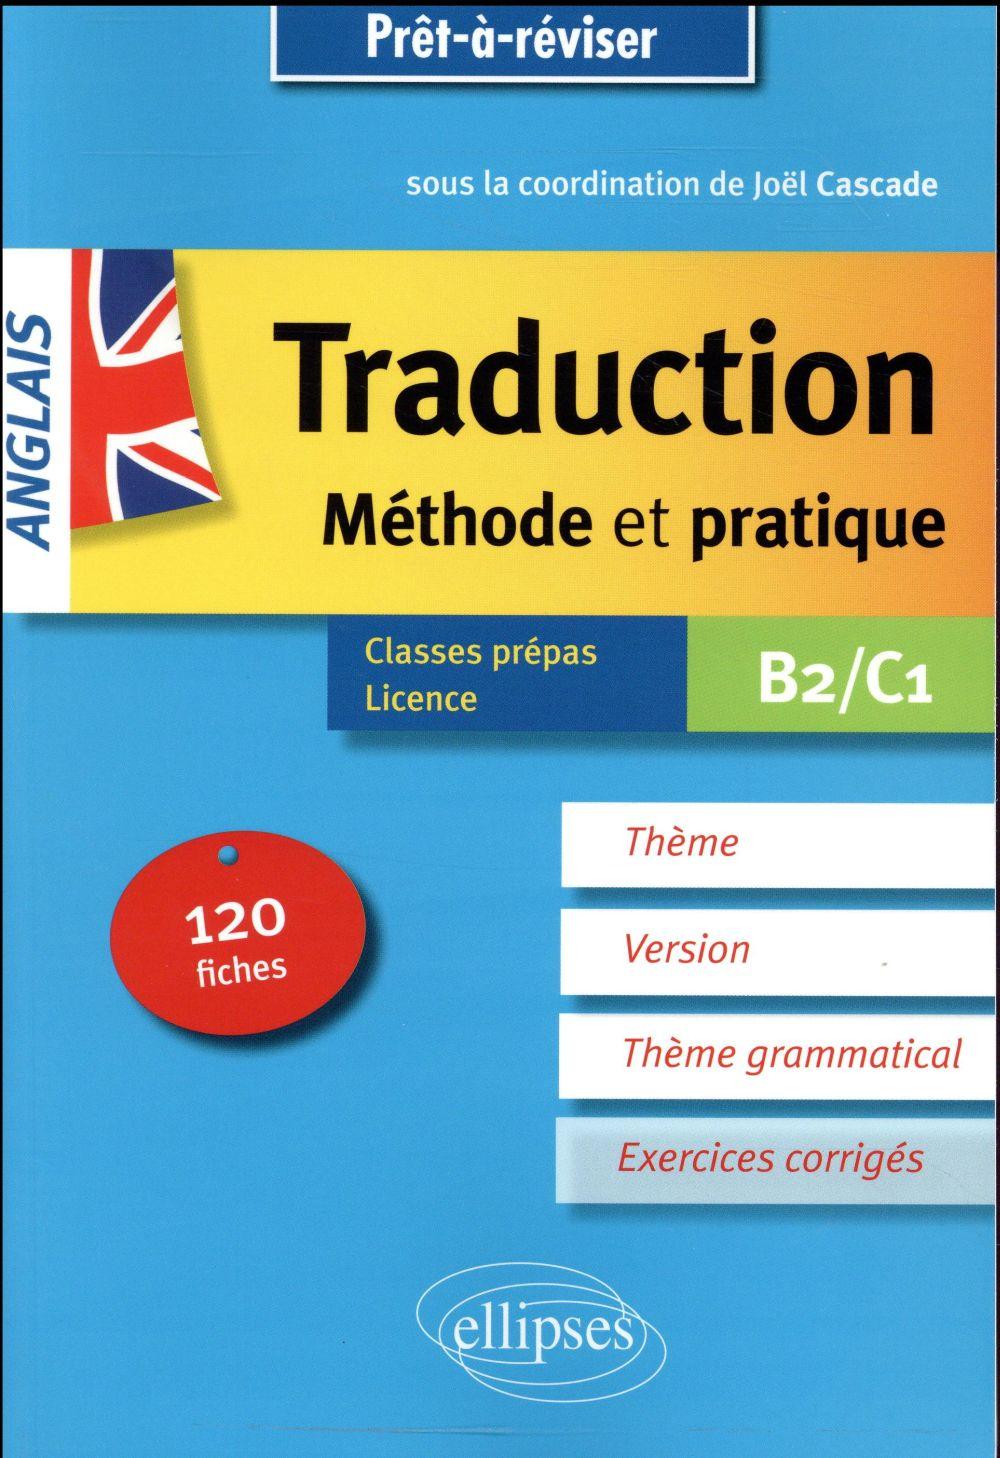 Anglais, traduction, méthode et pratique